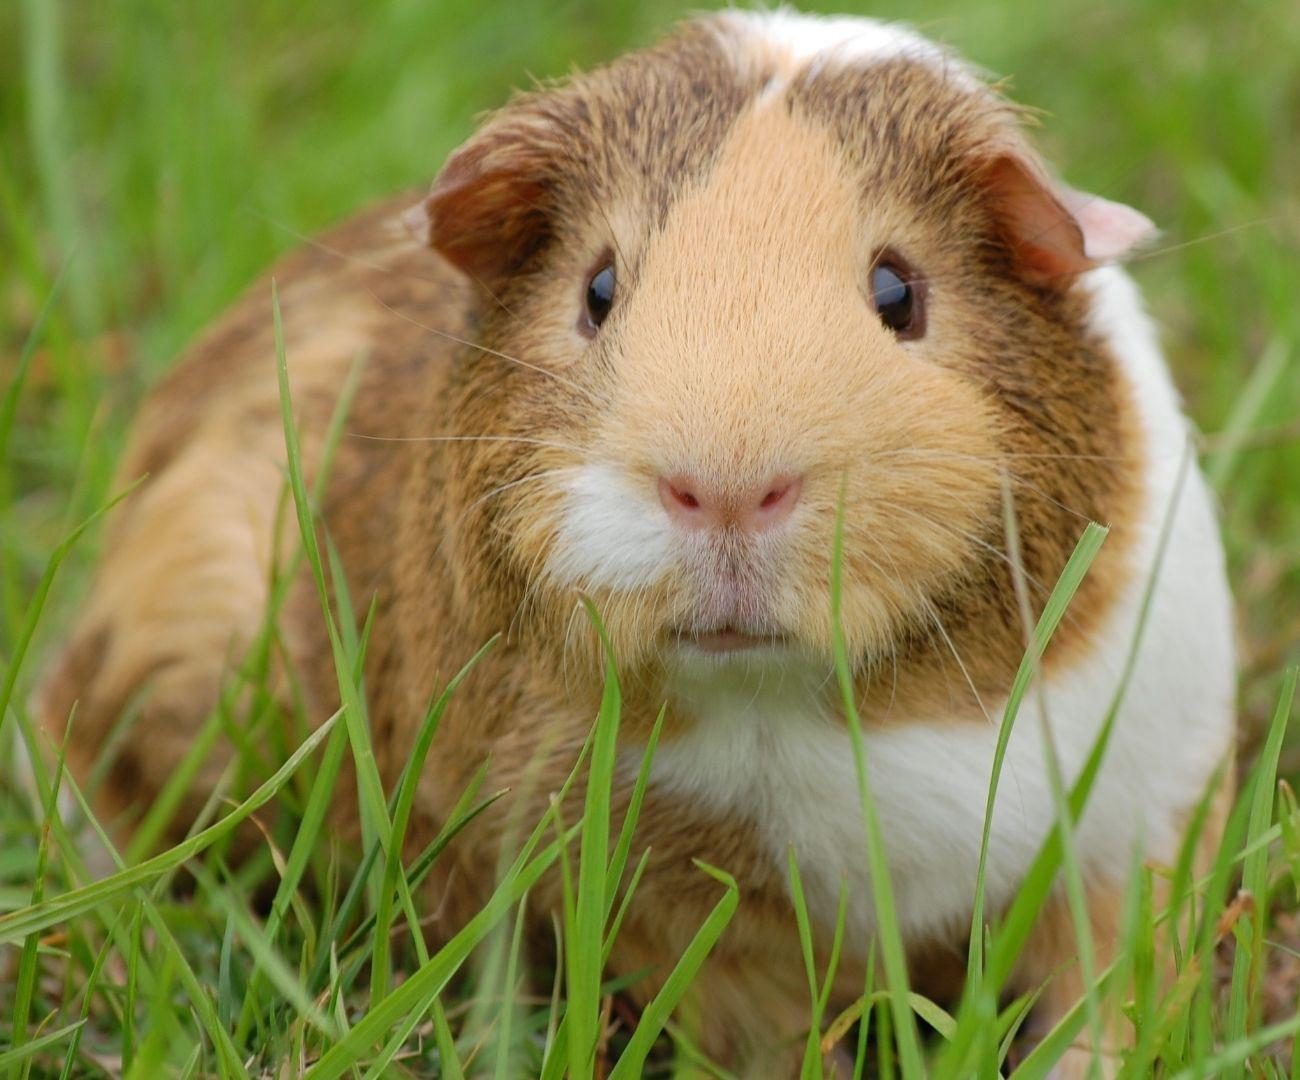 Urgencias veterinarias para cuyos en Bogotá